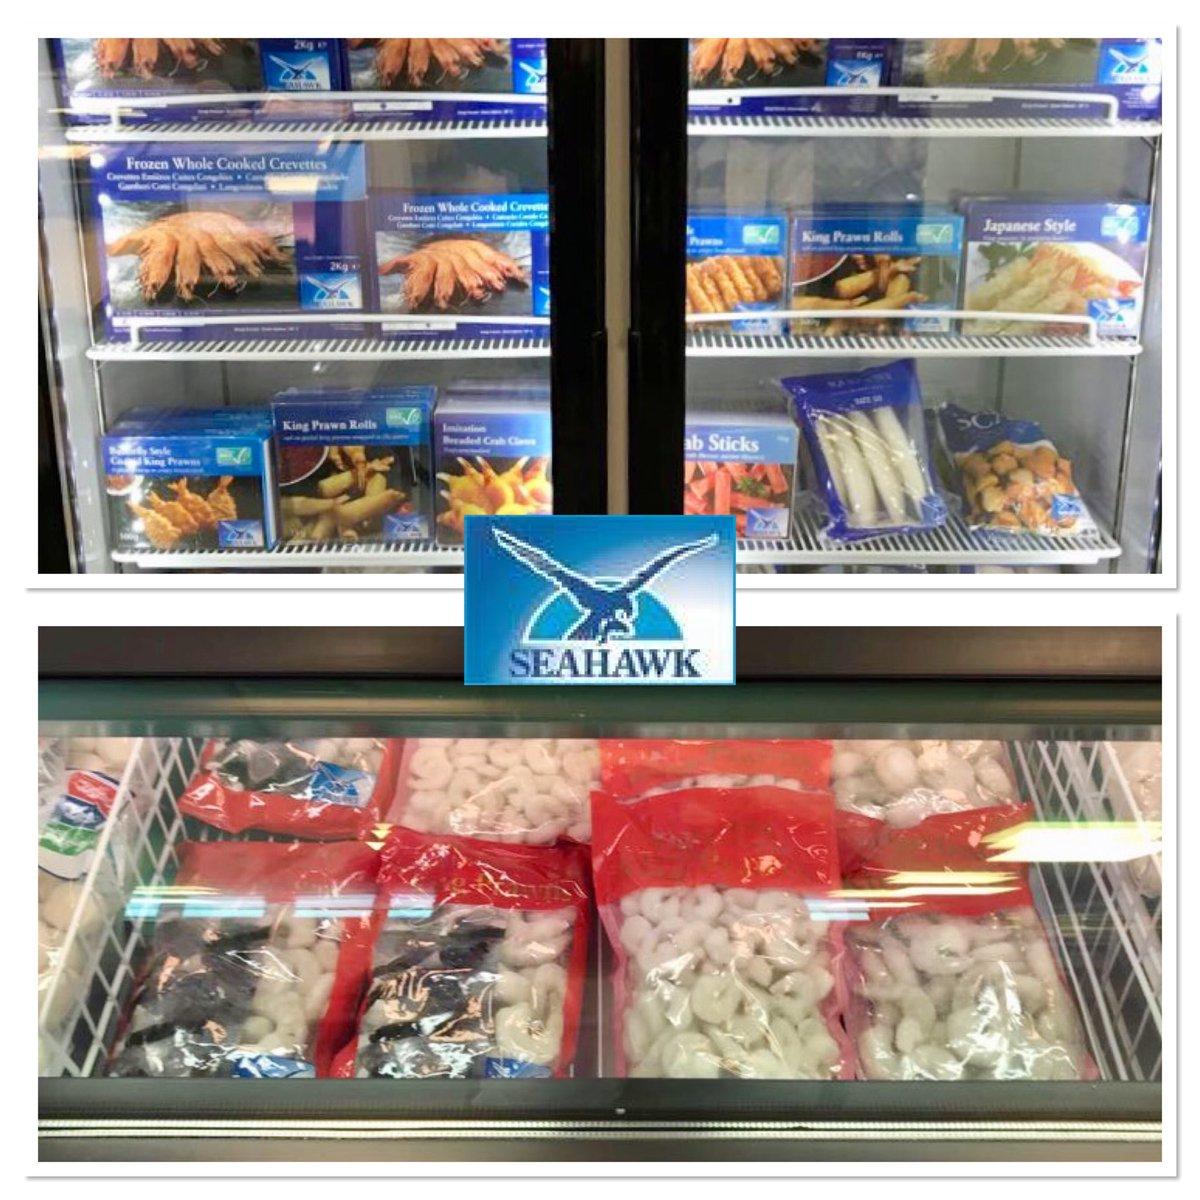 Seahawk Marine Foods Ltd on Twitter: